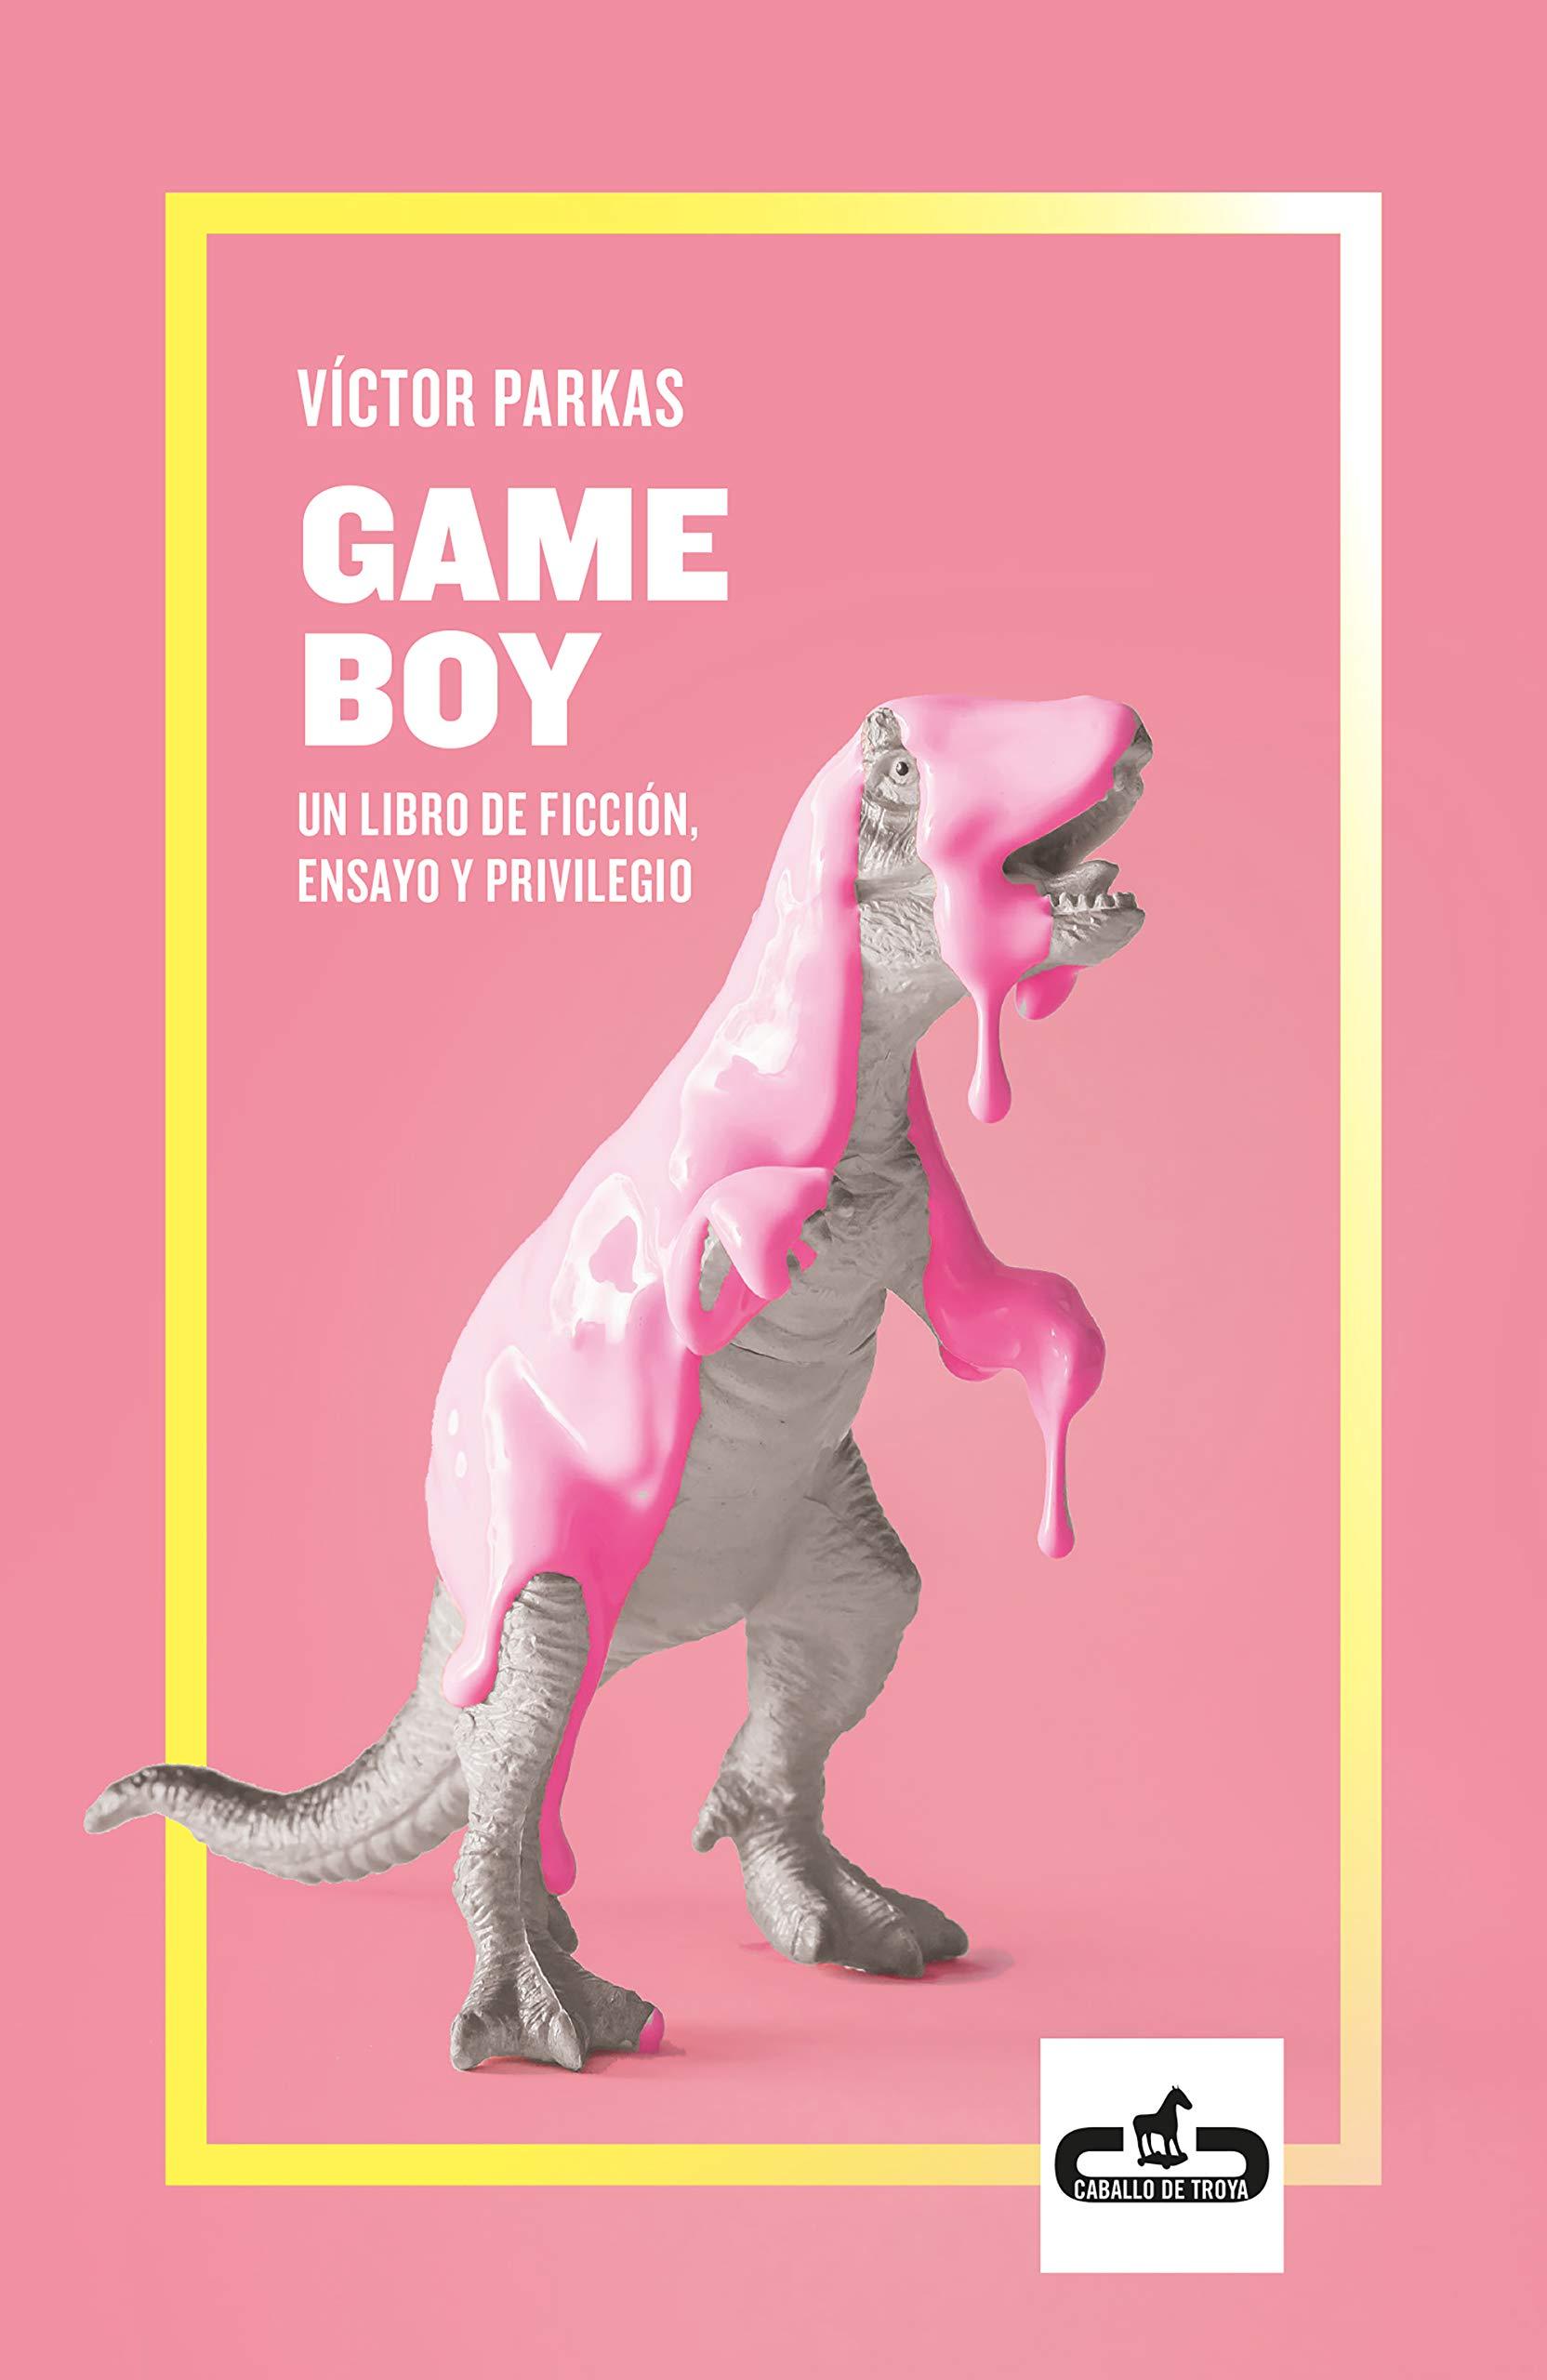 Game Boy Caballo de Troya 2019, 1 : Un libro de ficción, ensayo y privilegio: Amazon.es: Parkas, Víctor: Libros